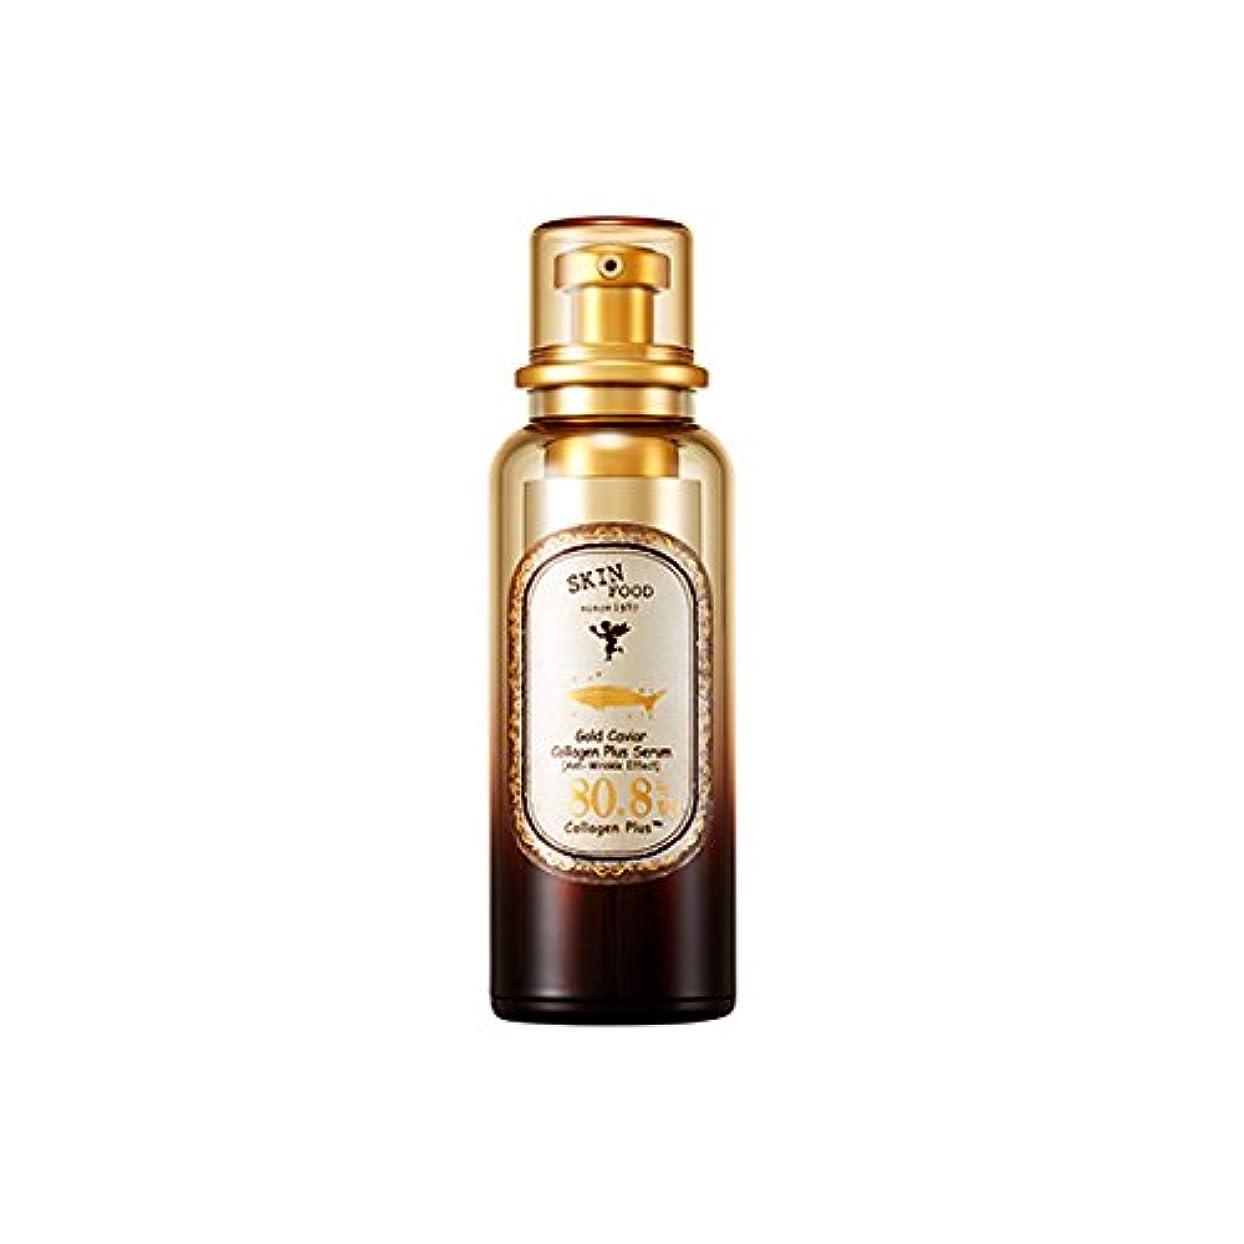 フィードバック寂しい賛美歌Skinfood ゴールドキャビアコラーゲンプラスセラム(しわ防止効果) / Gold Caviar Collagen Plus Serum (Anti-wrinkle Effect) 40ml [並行輸入品]